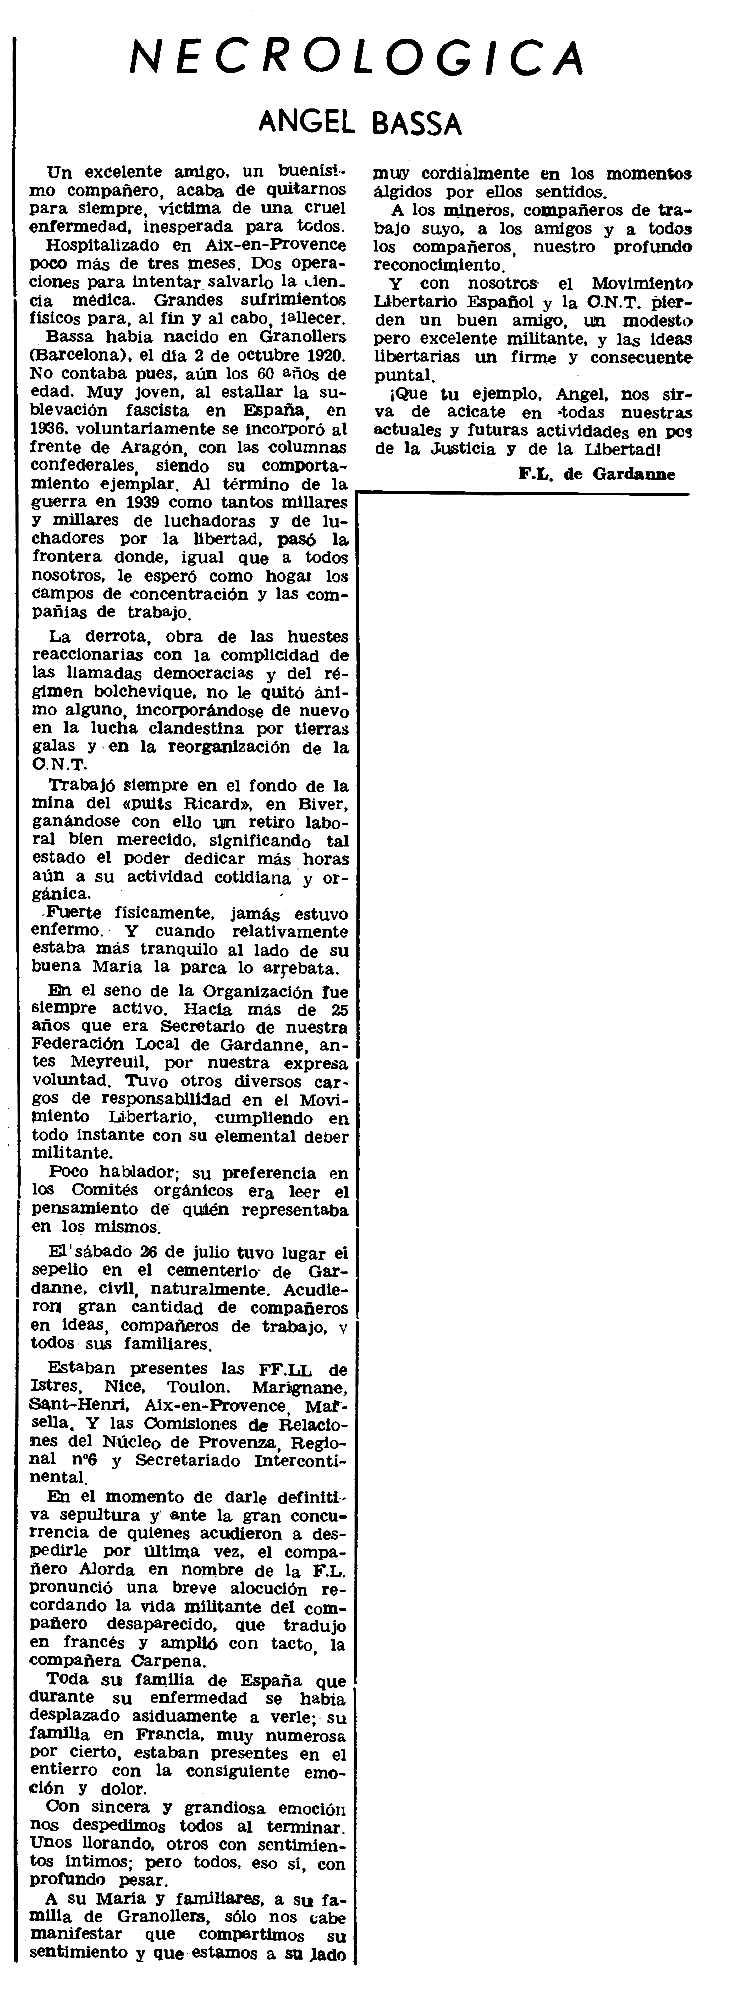 """Necrològica d'Àngel Bassa apareguda en el periòdic parisenc """"Le Combat Syndicaliste"""" del 25 de setembre de 1980"""